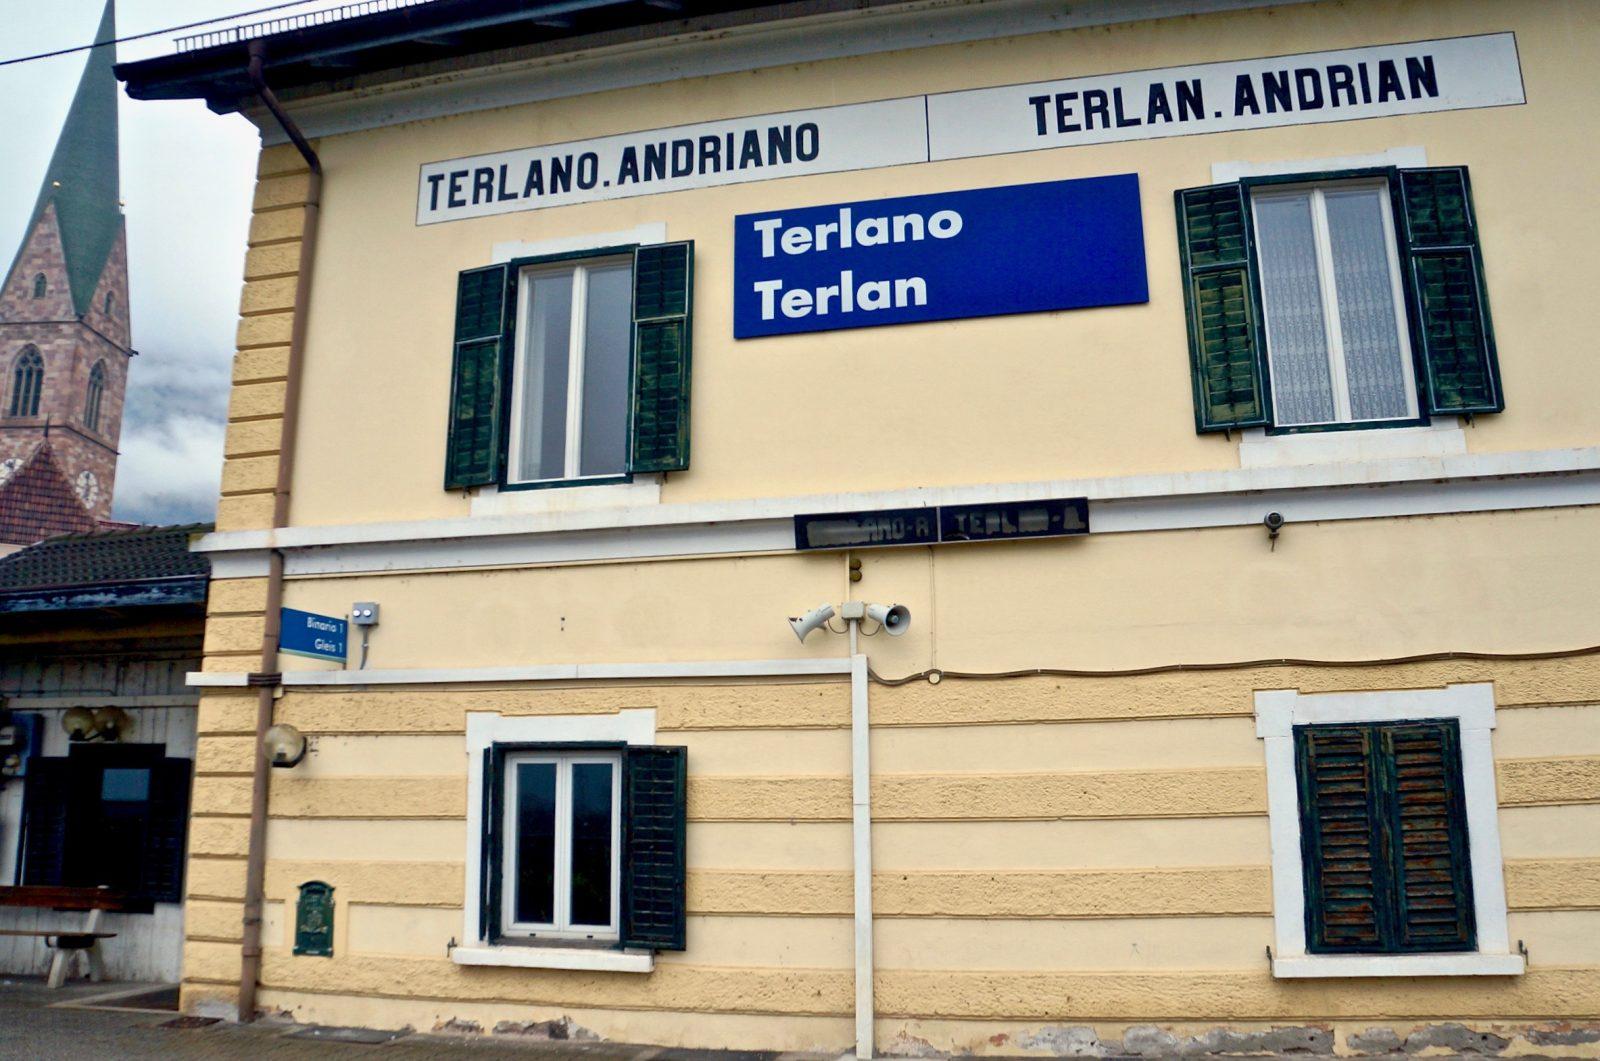 Angekommen in Terlan